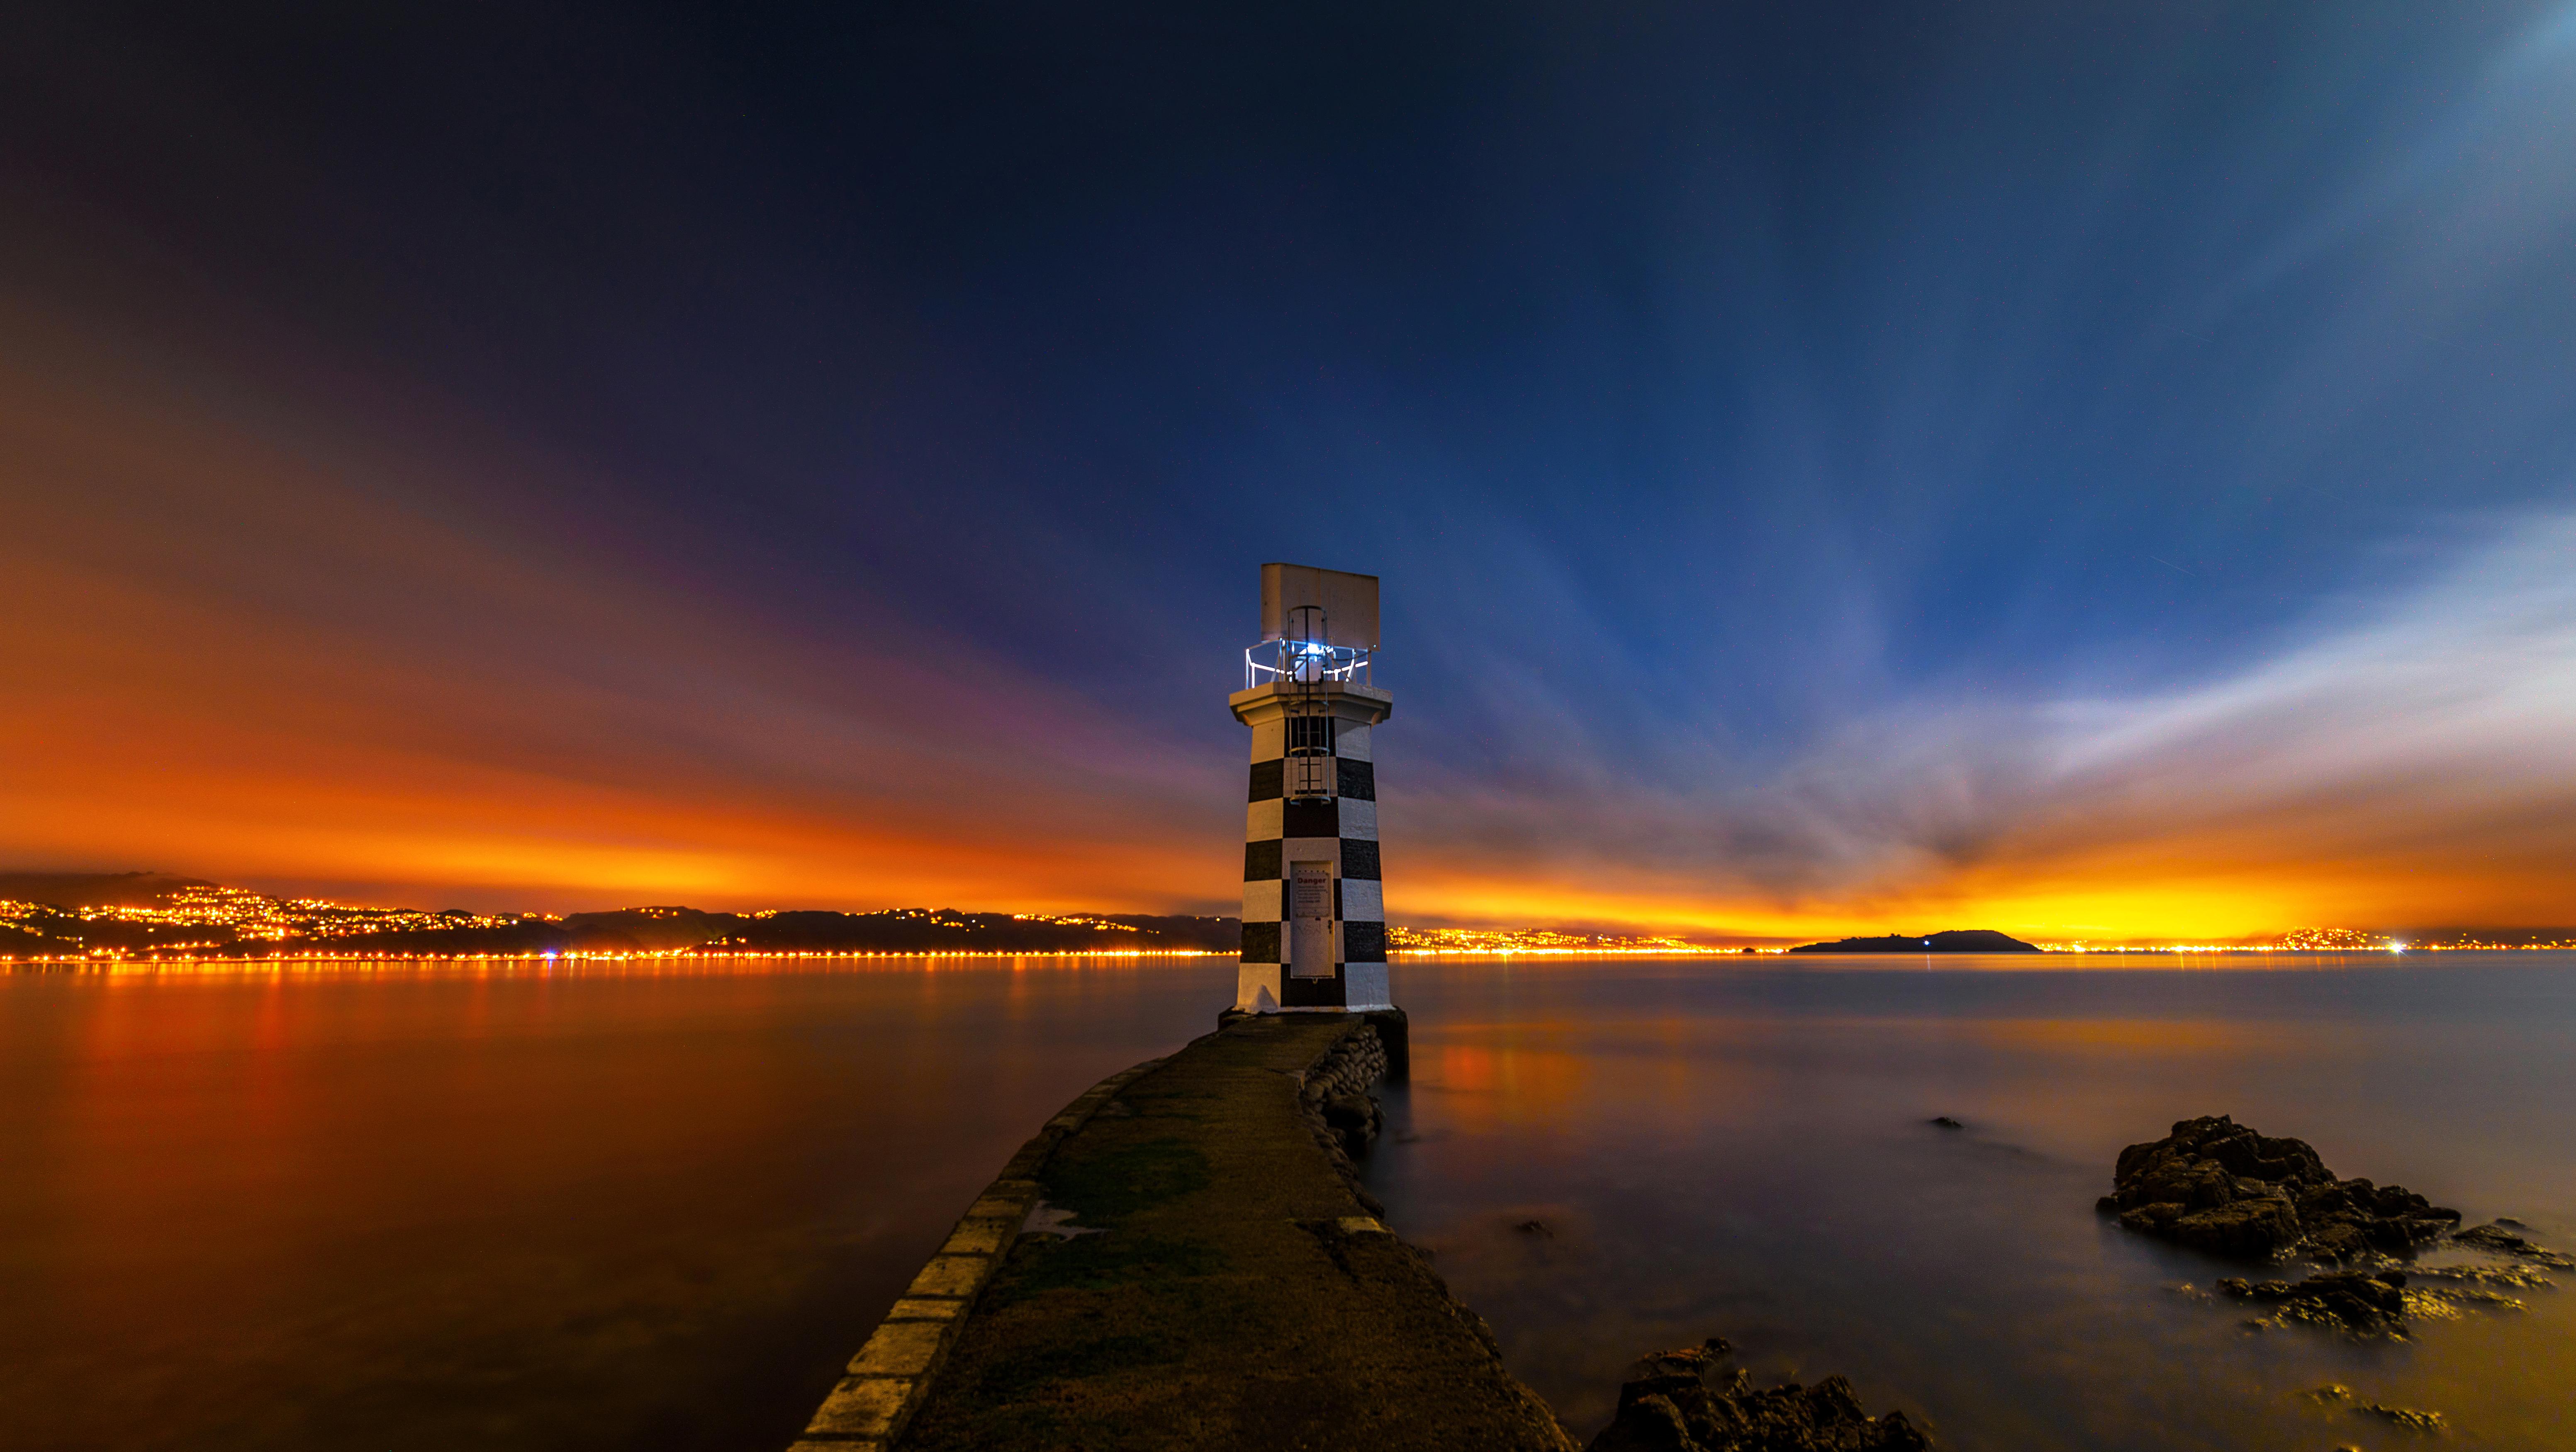 Фото Новая Зеландия Wellington Маяки Природа рассвет и закат Ночные 6210x3500 маяк Рассветы и закаты Ночь ночью в ночи